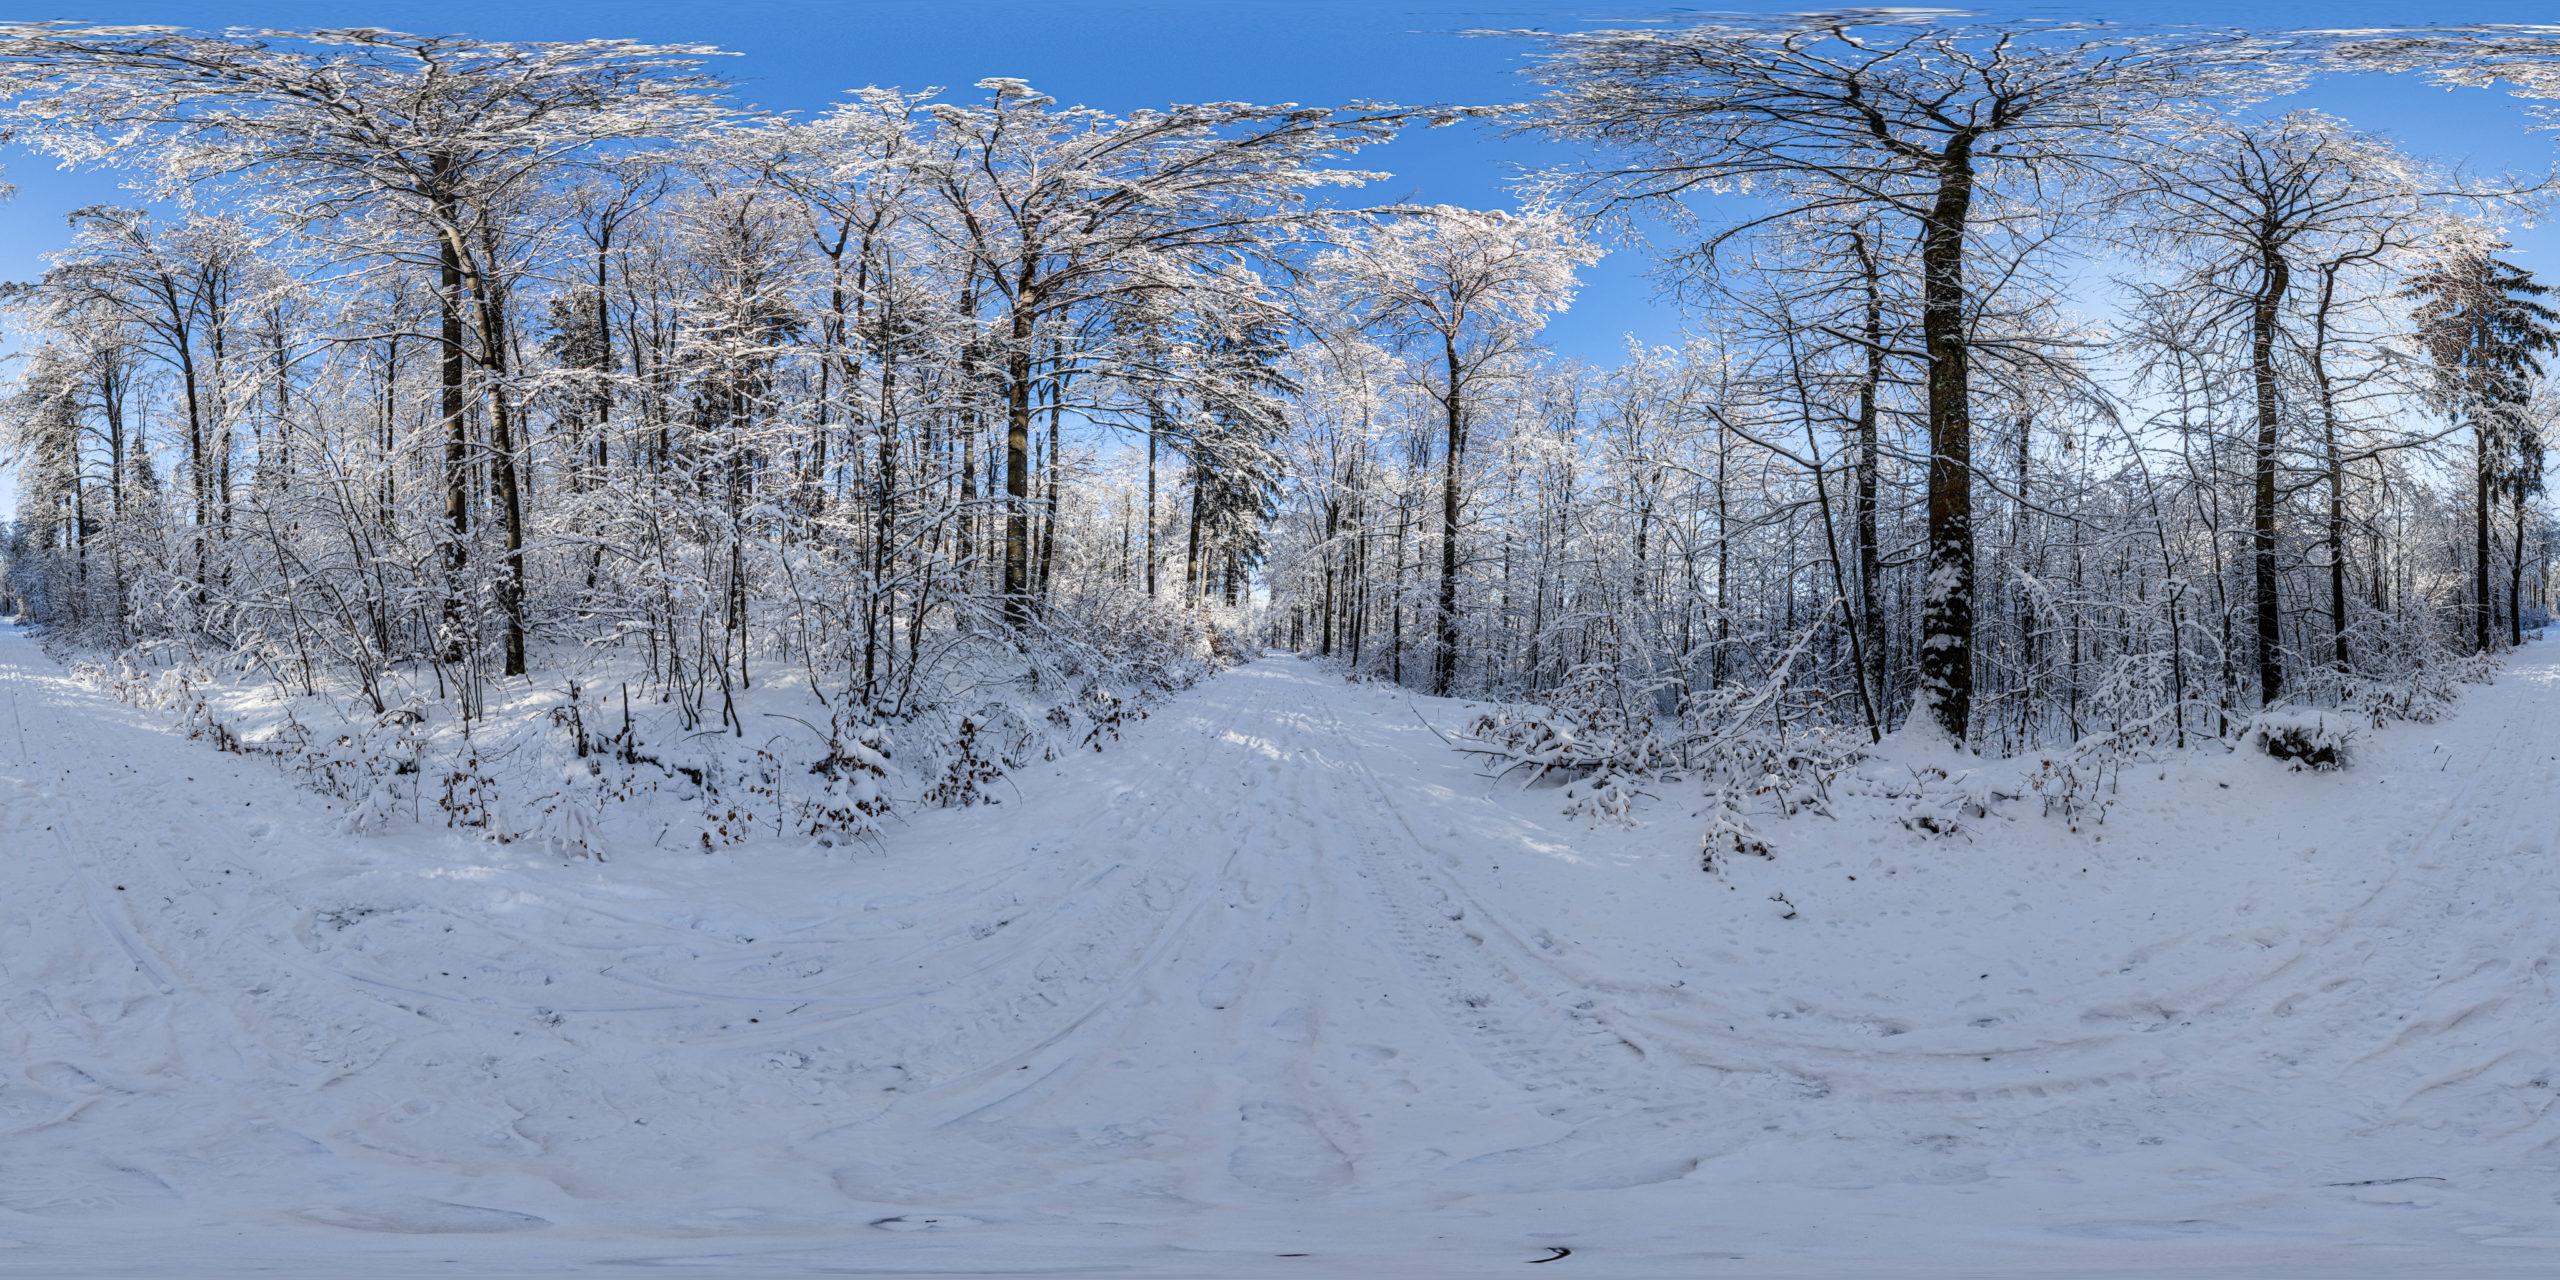 HDRI-Skies-Snowy-Forest-Uhlberg